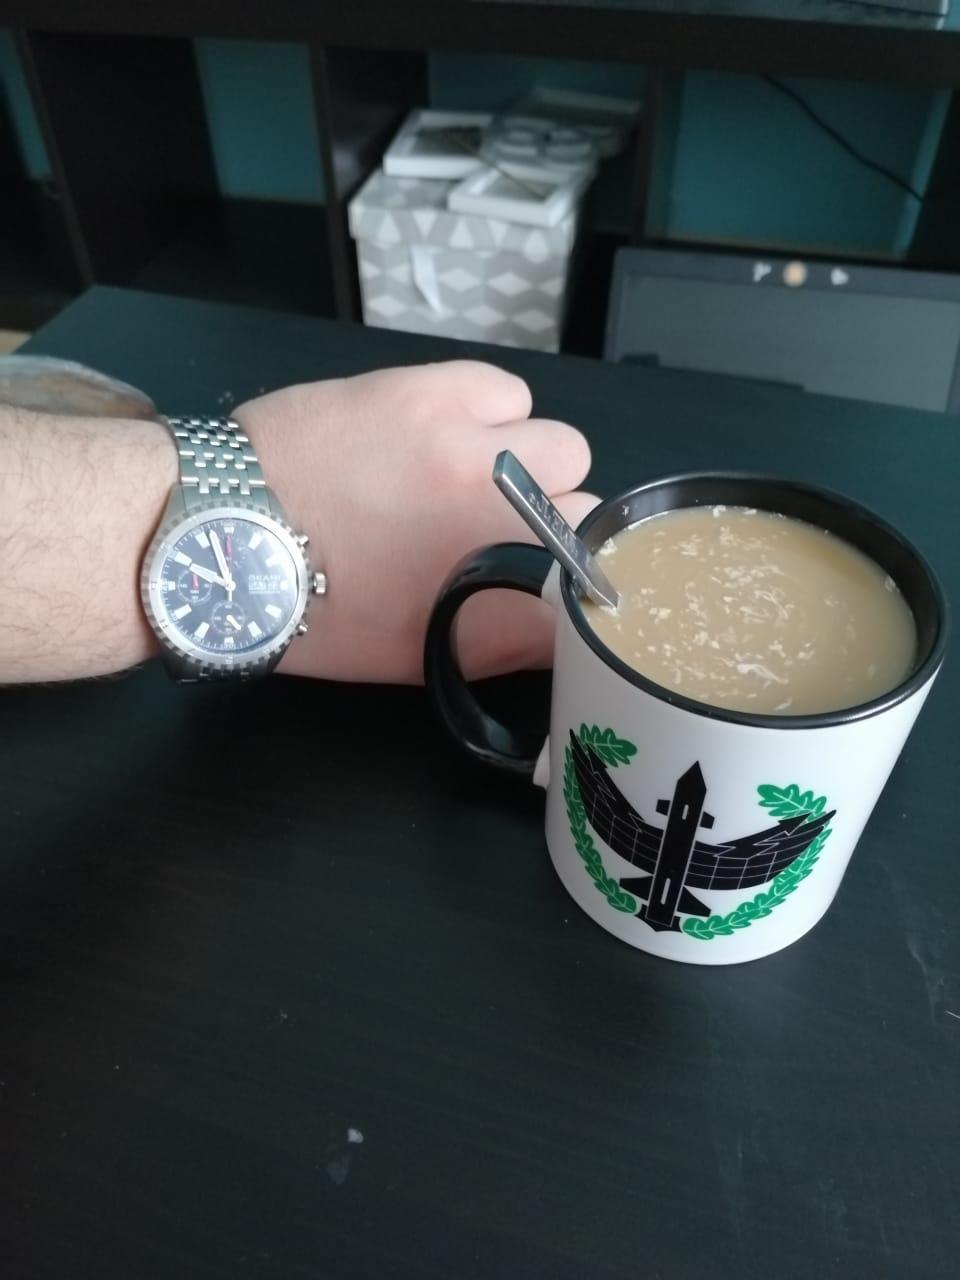 Купила подарок своему парню на 23 февраля))))он в восторге))))))))))))